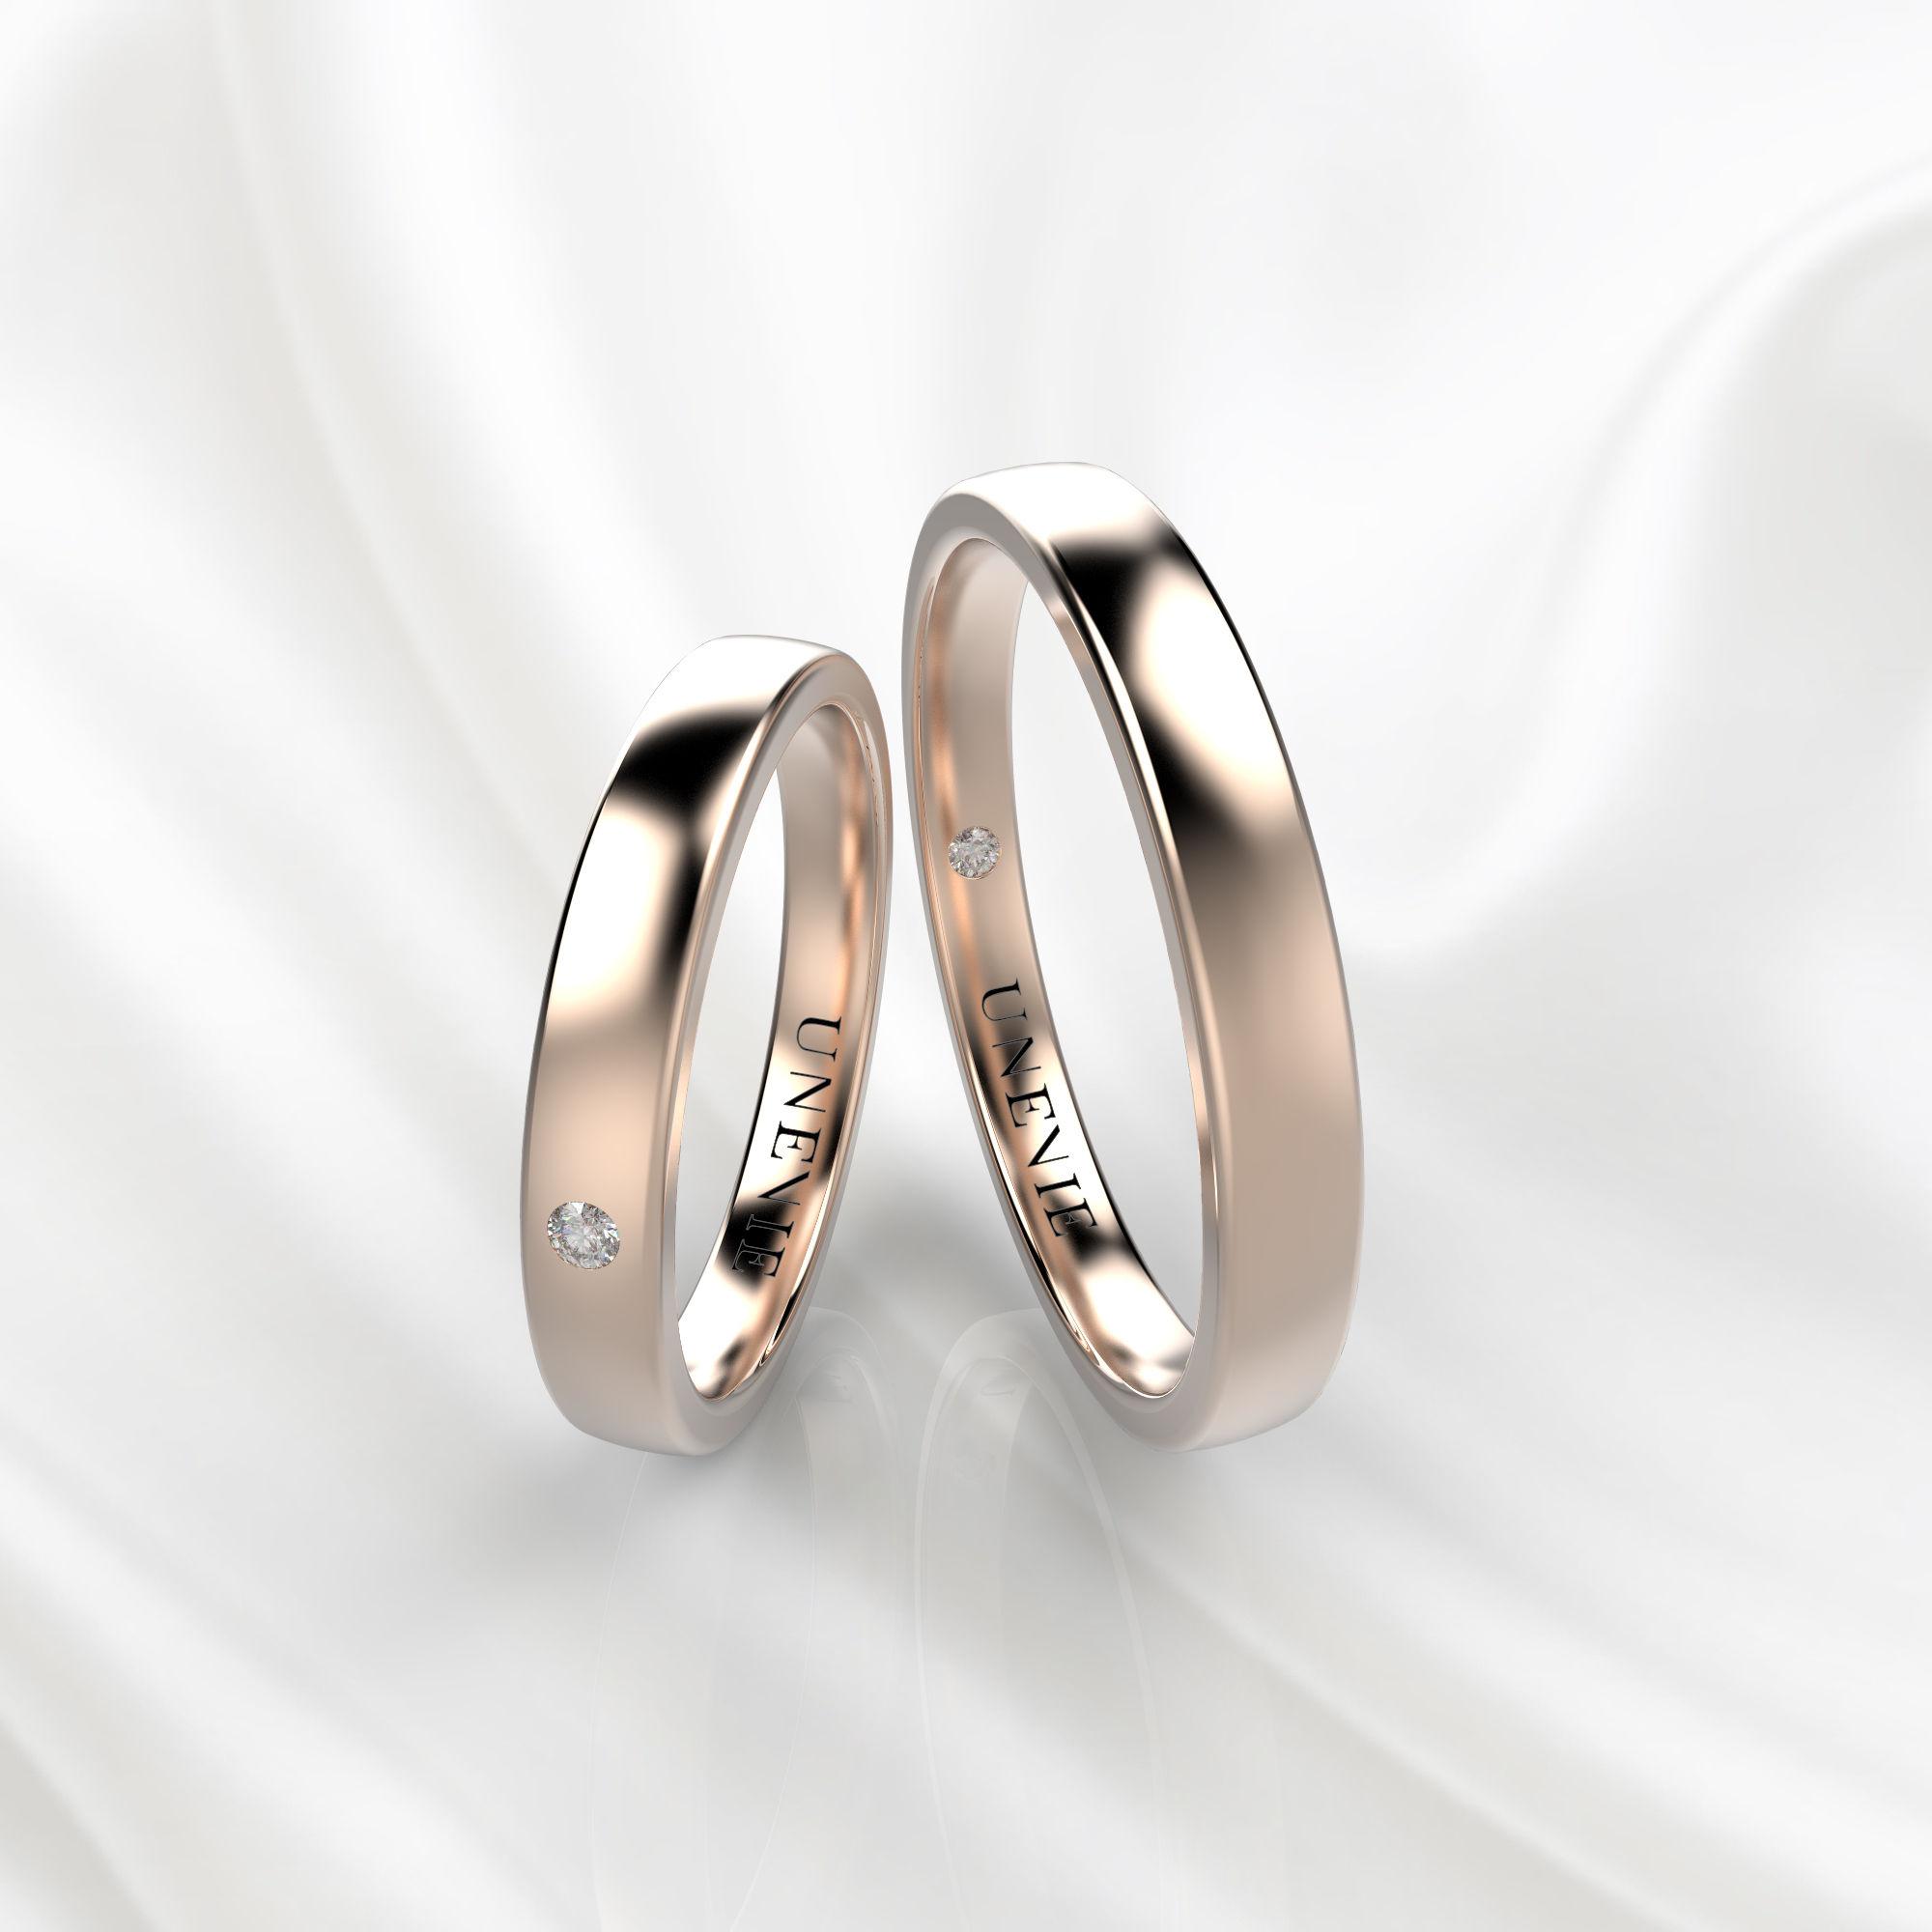 NV34 Обручальные кольца из розового золота с бриллиантами